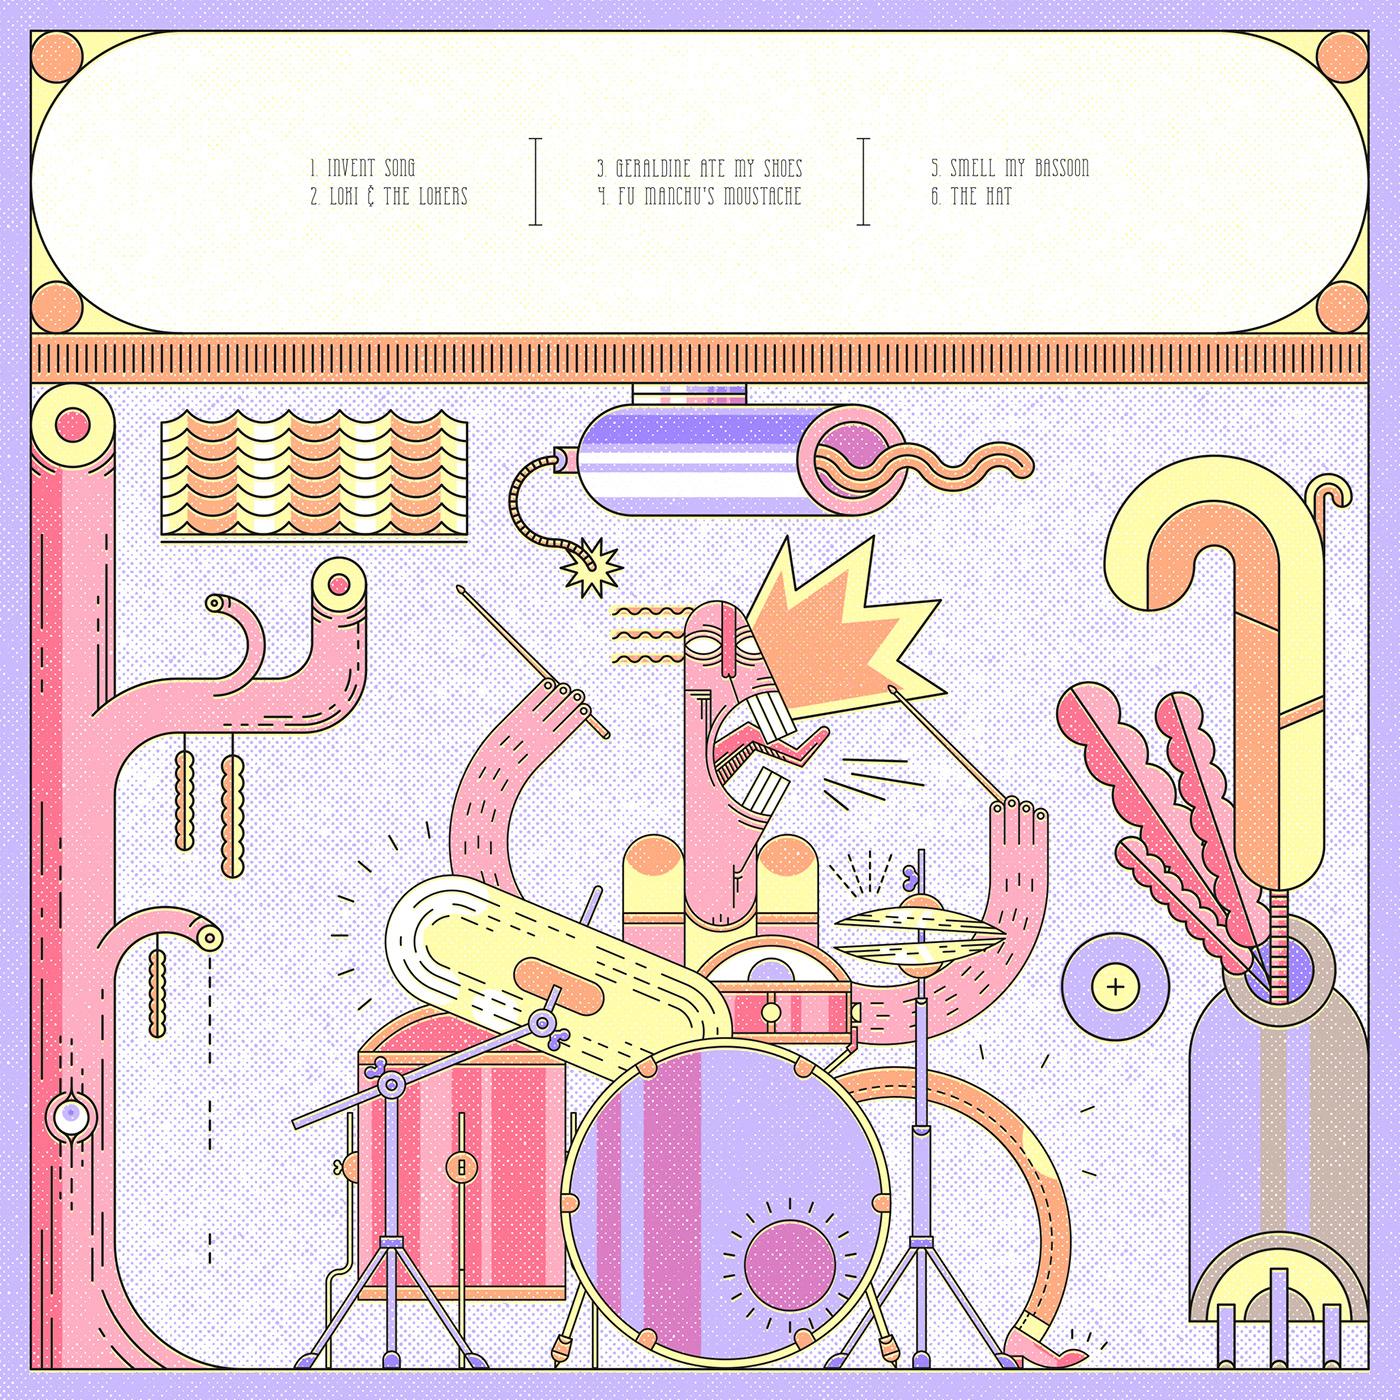 design ILLUSTRATION  diseño ilustracion vinyl vinilo jazz music